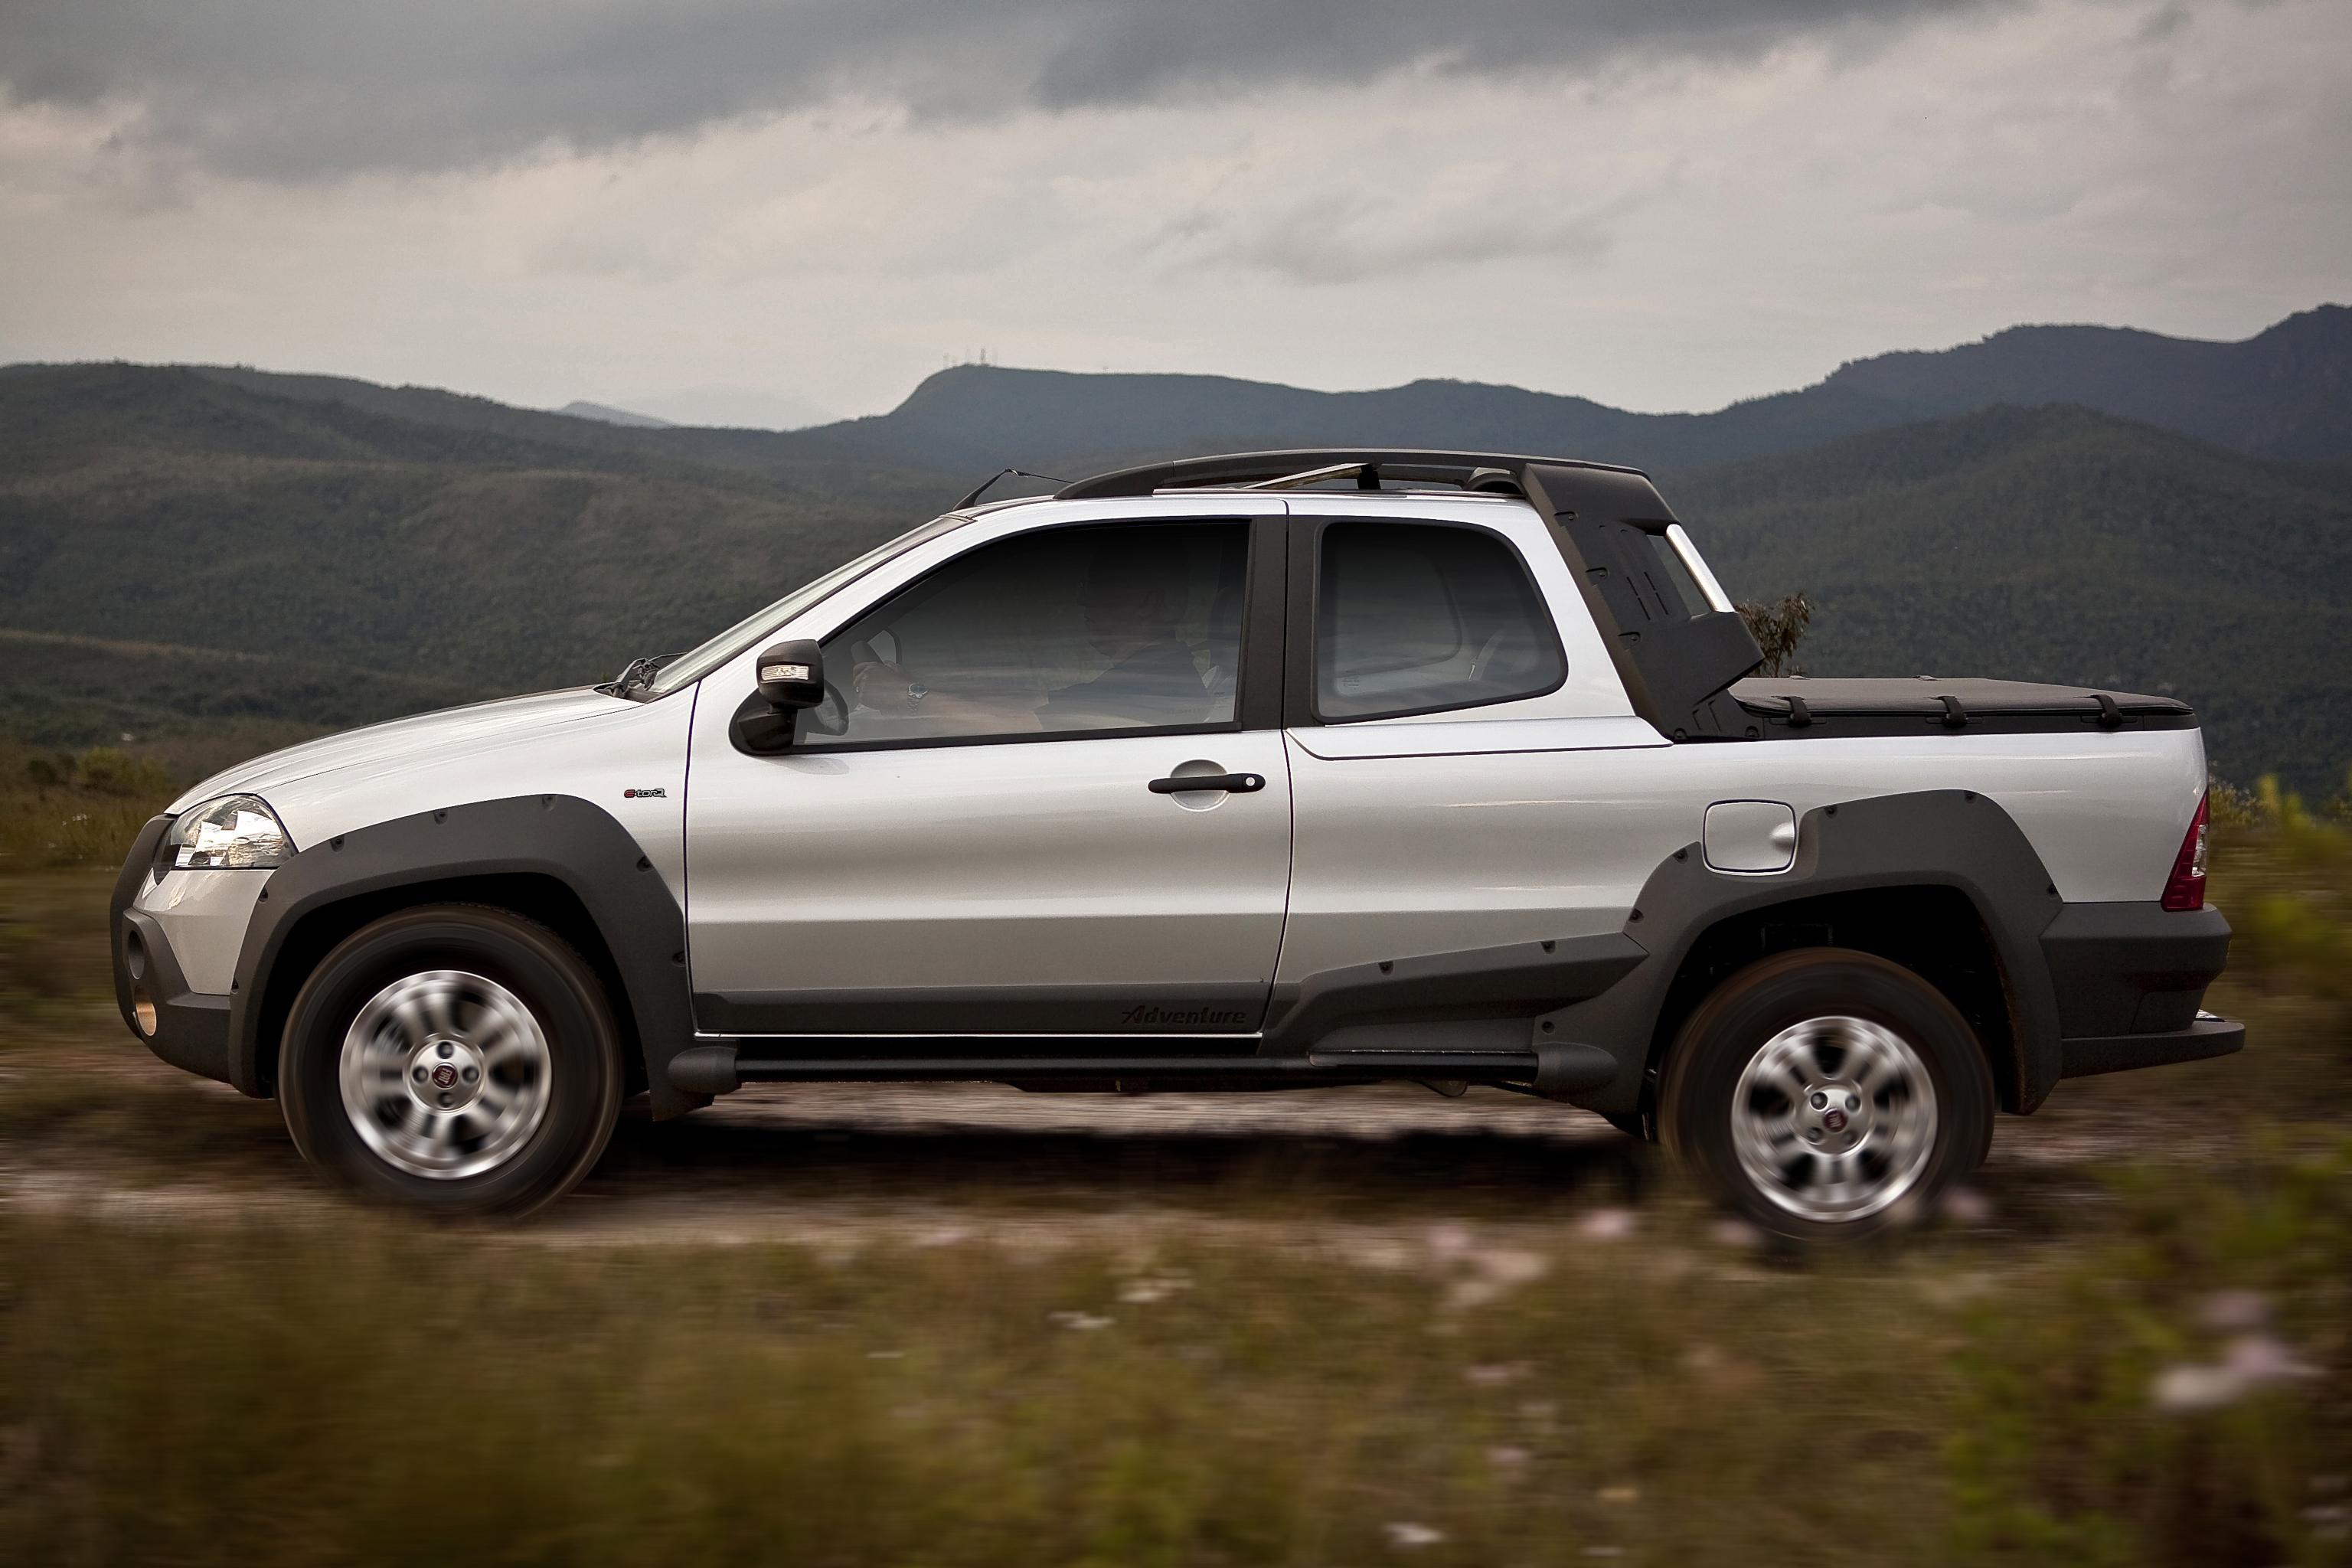 Chevrolet adventure